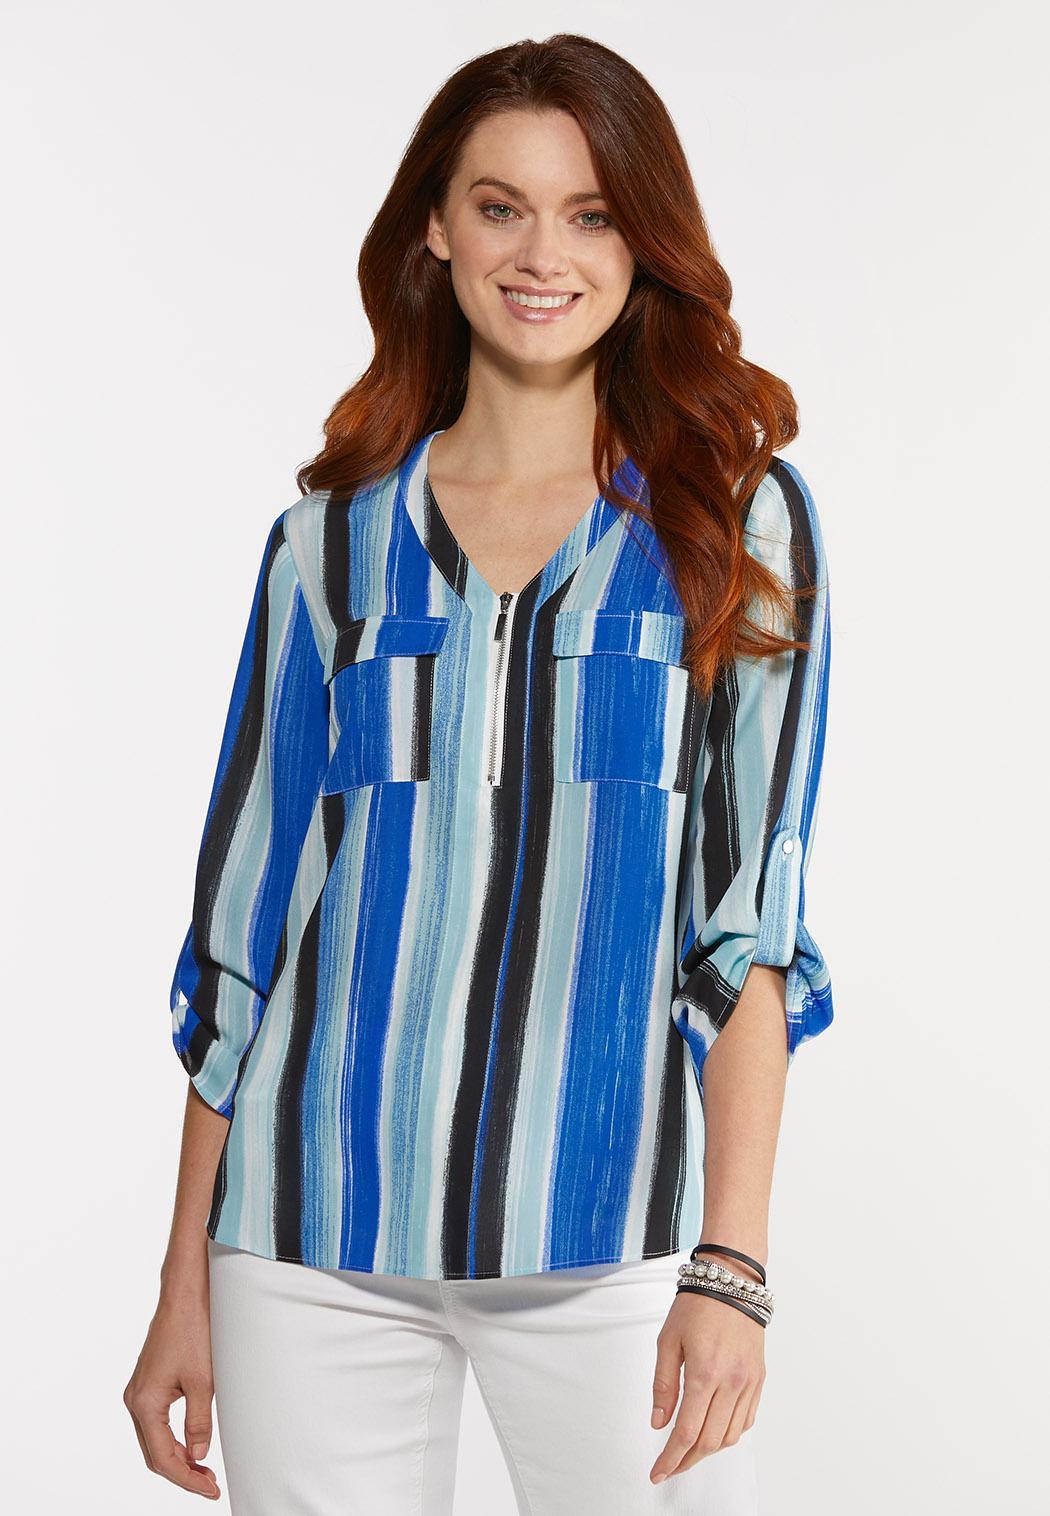 Brilliant Blue Striped Top